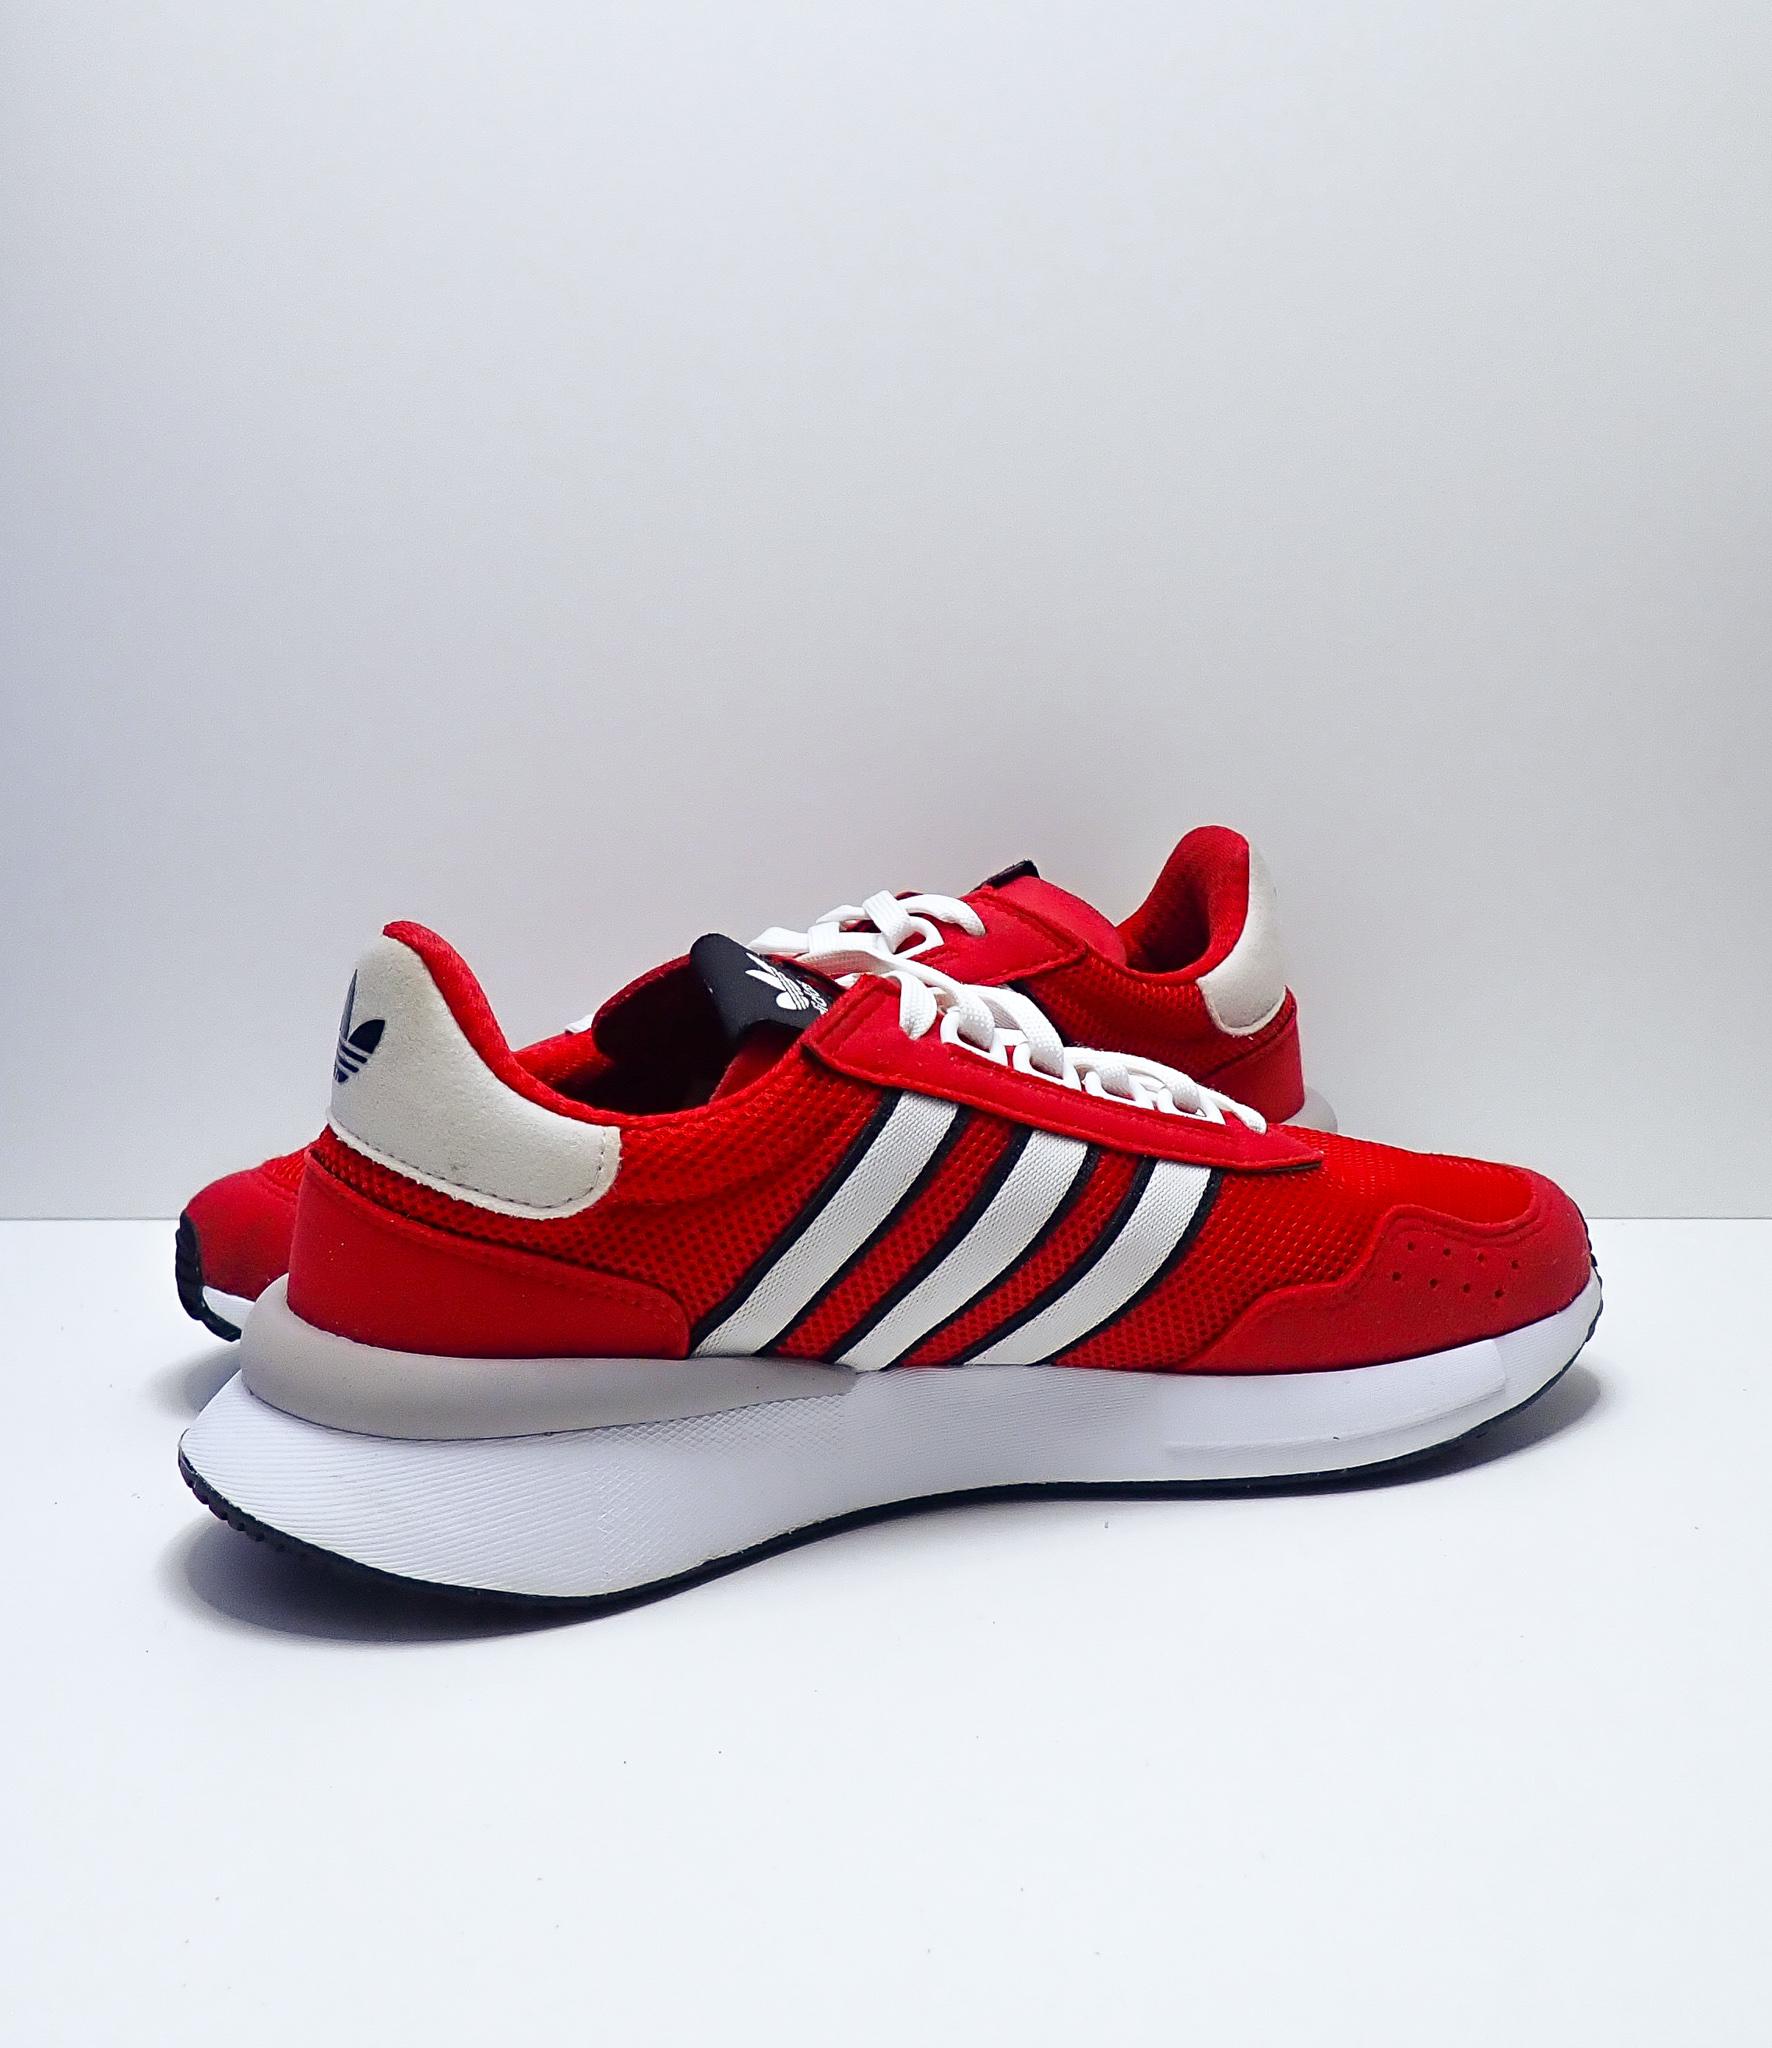 Adidas Originals Retroset Scarlet red